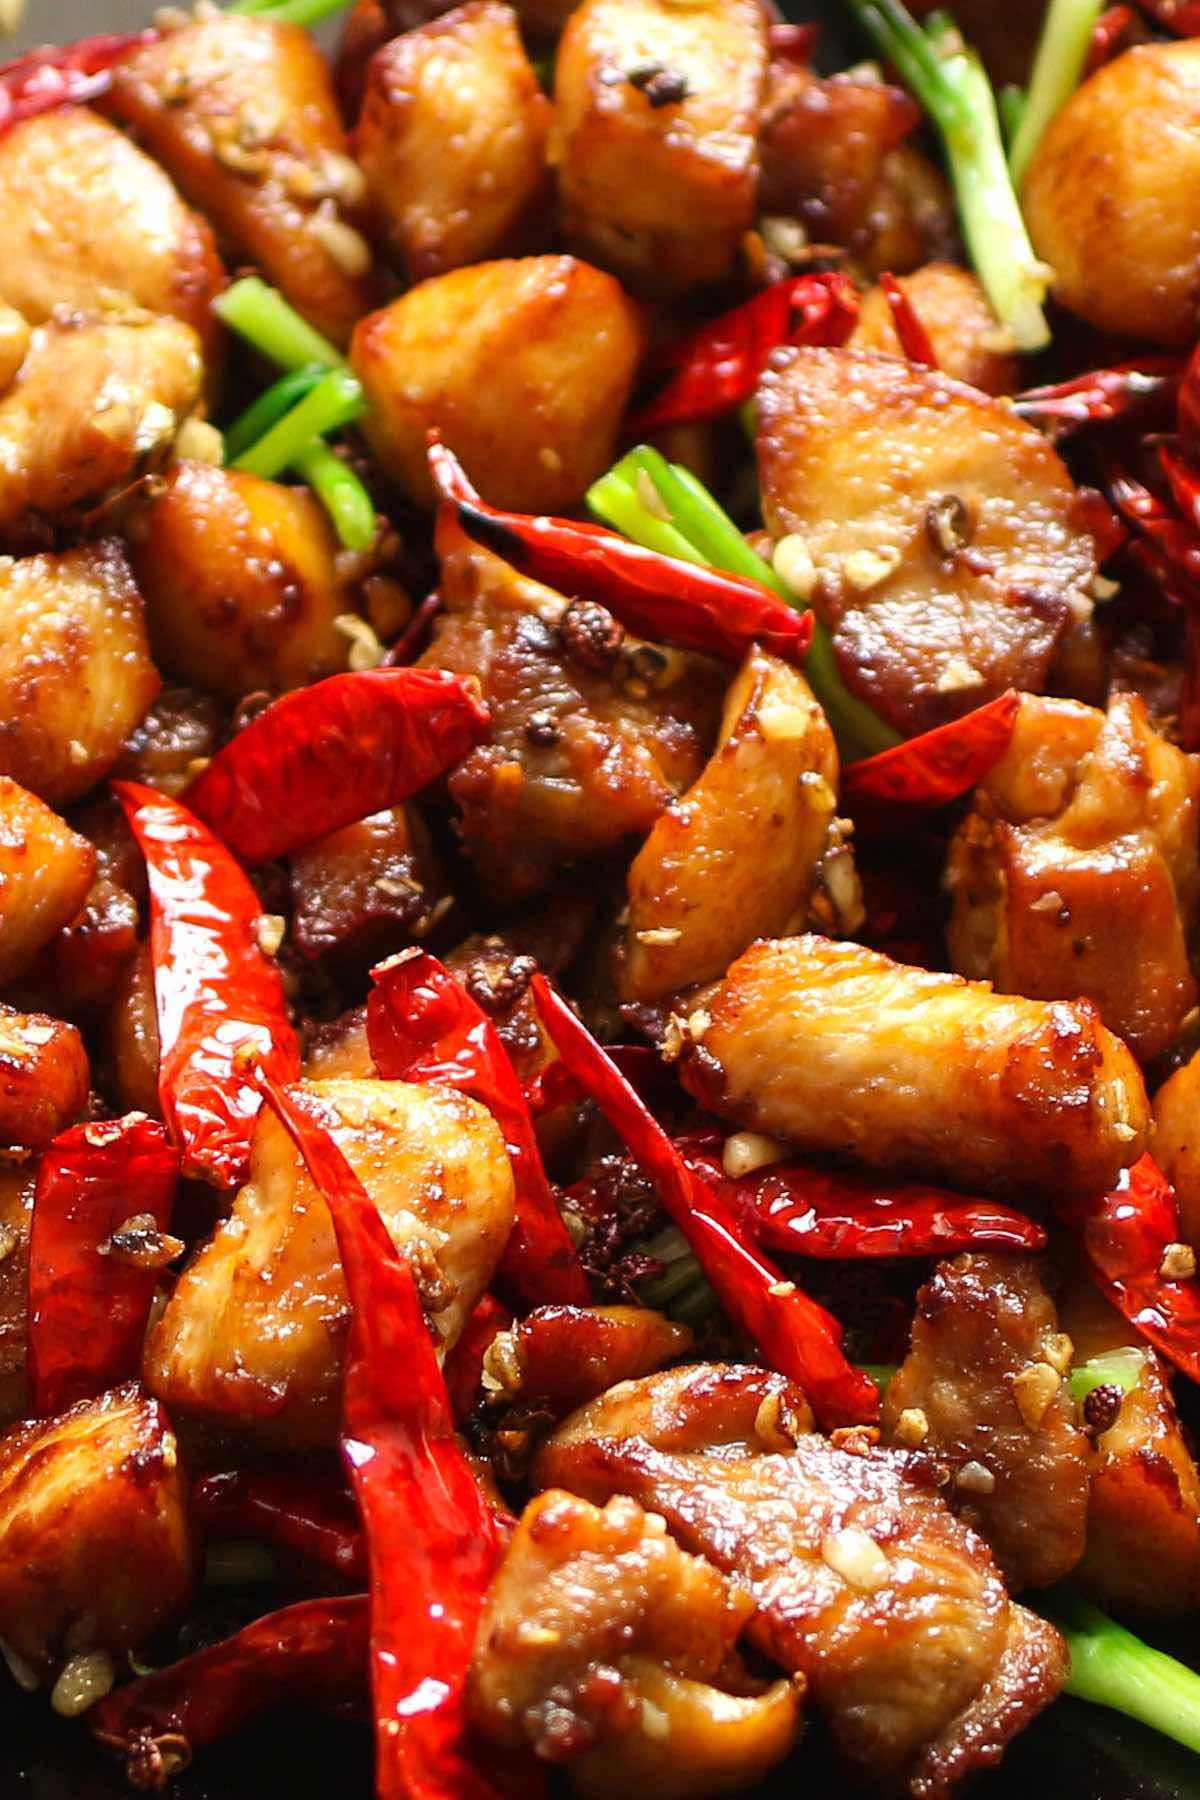 Easy Szechuan Chicken (+ Video) - TipBuzz